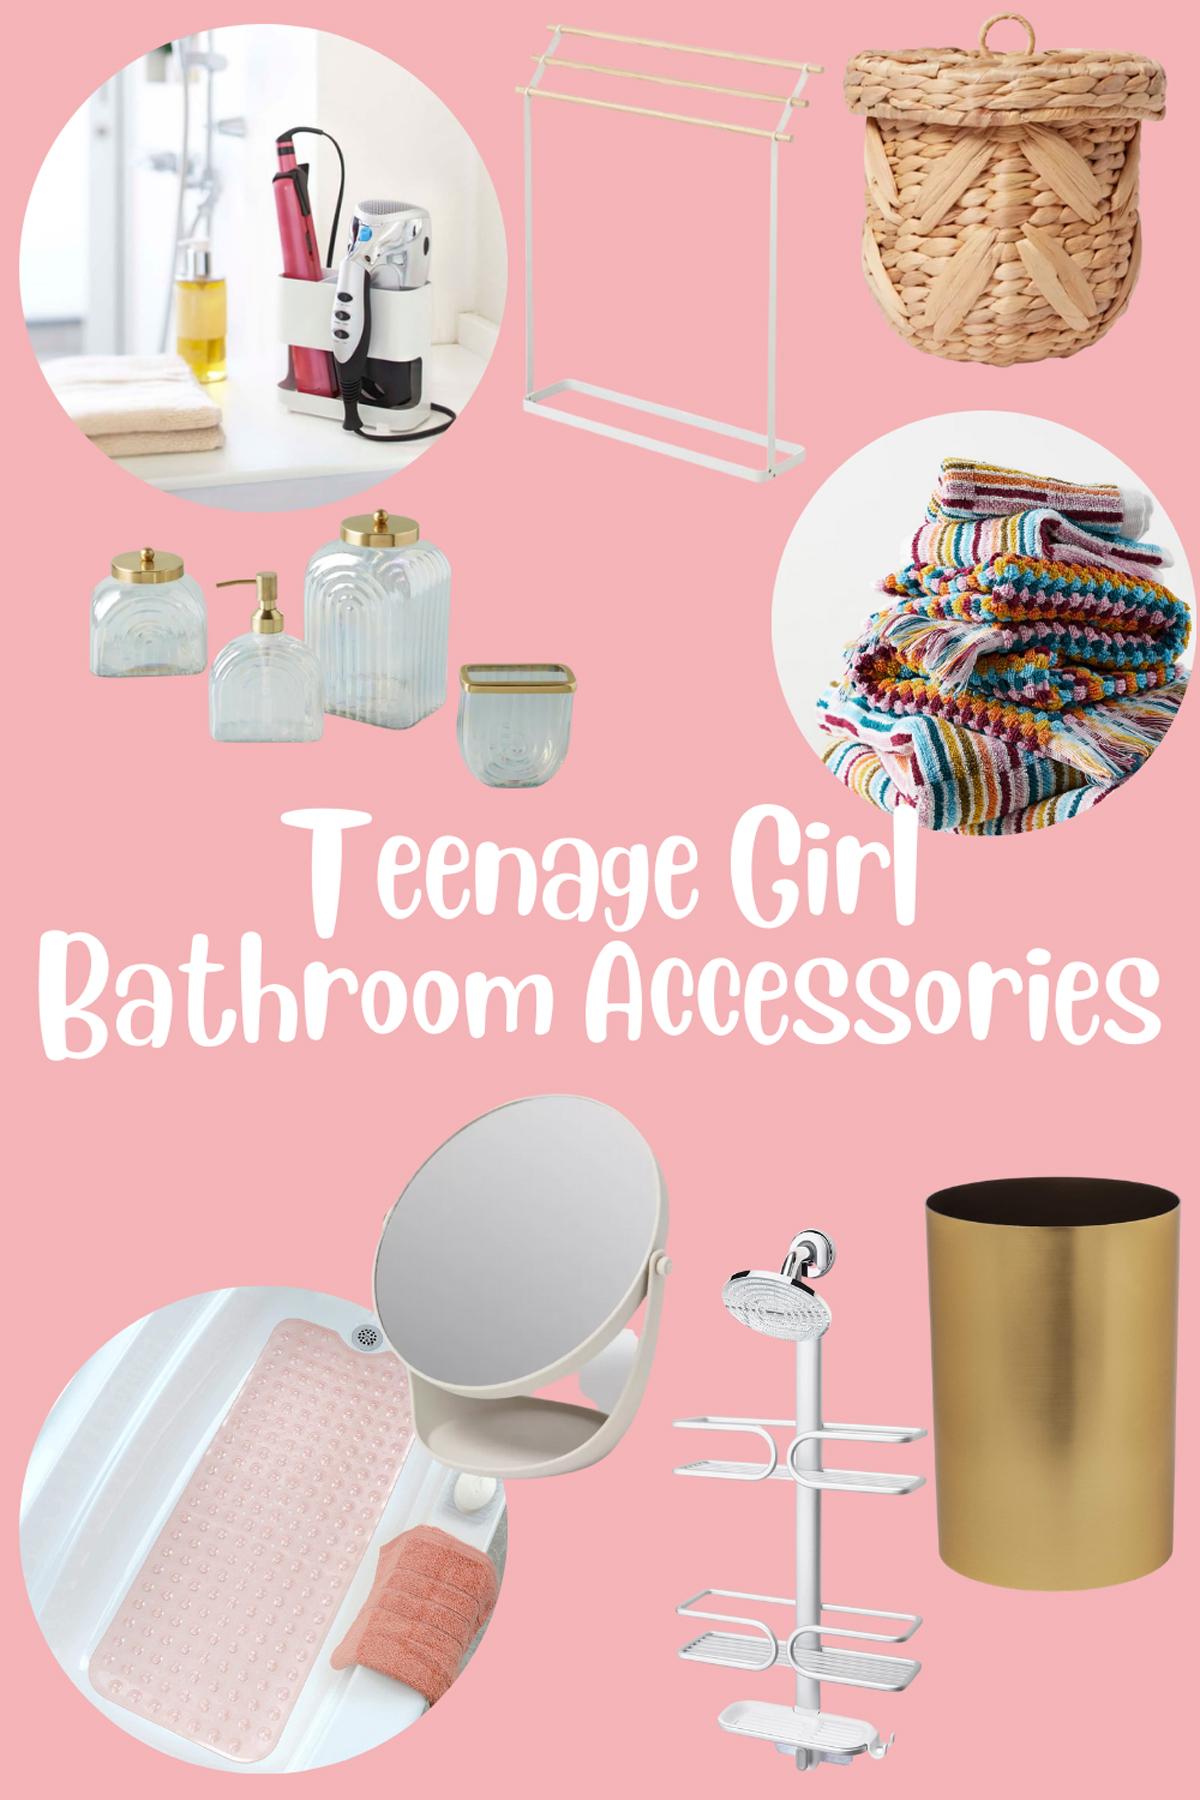 Bathroom Accessories for Teens & Tweens